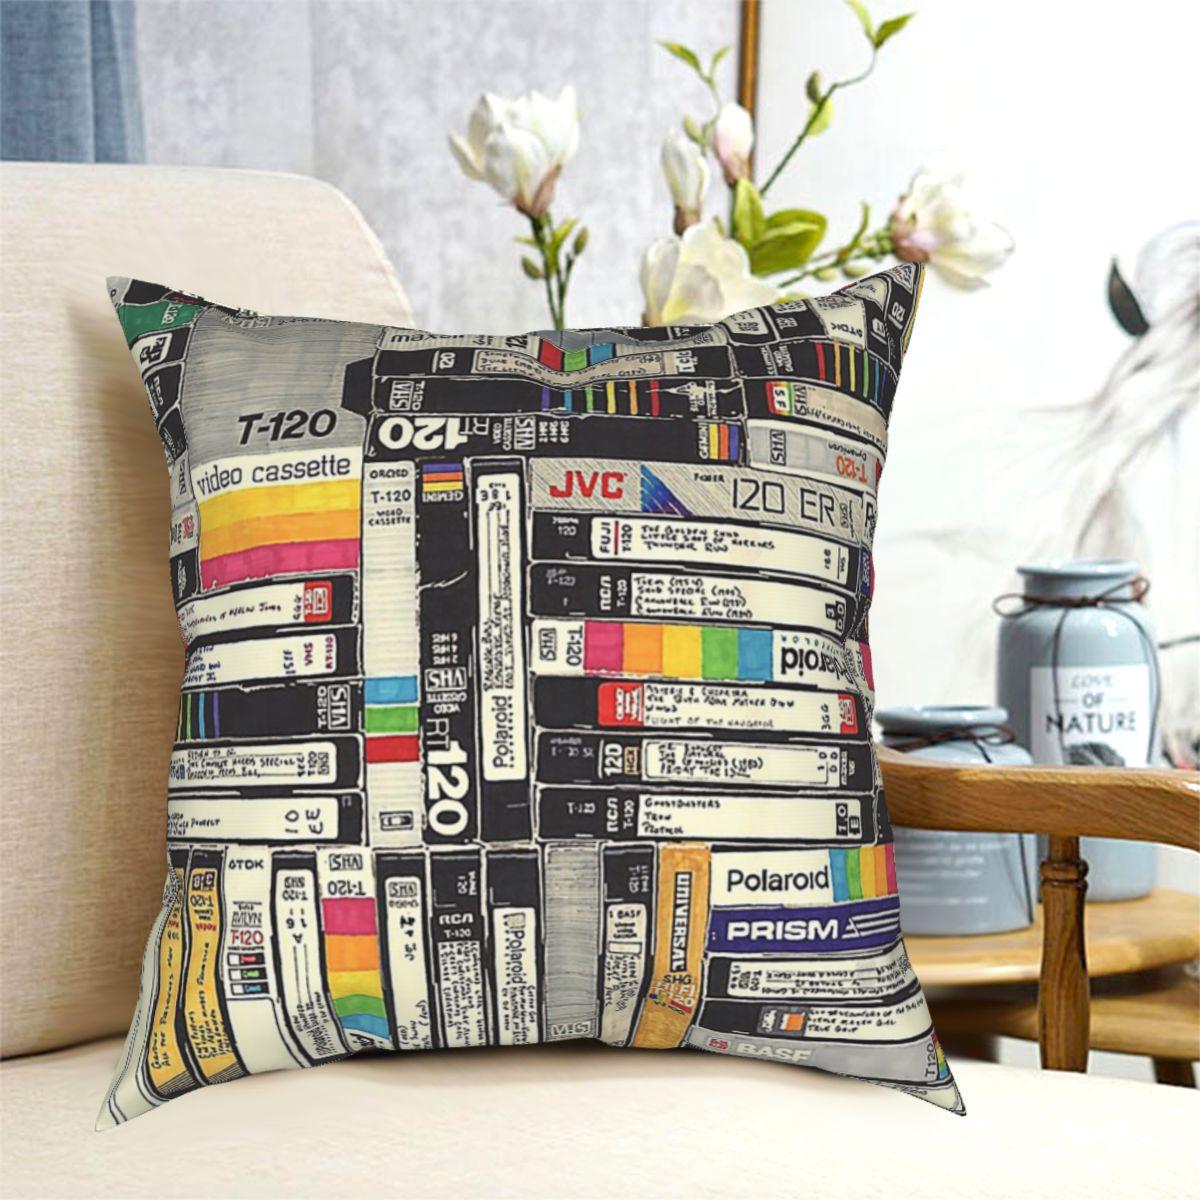 Смотрите фильмы Подушка декоративная подушка чехол s Чехол дома диванные подушки 40x40,45x45 см (двойными бортами) фильмы